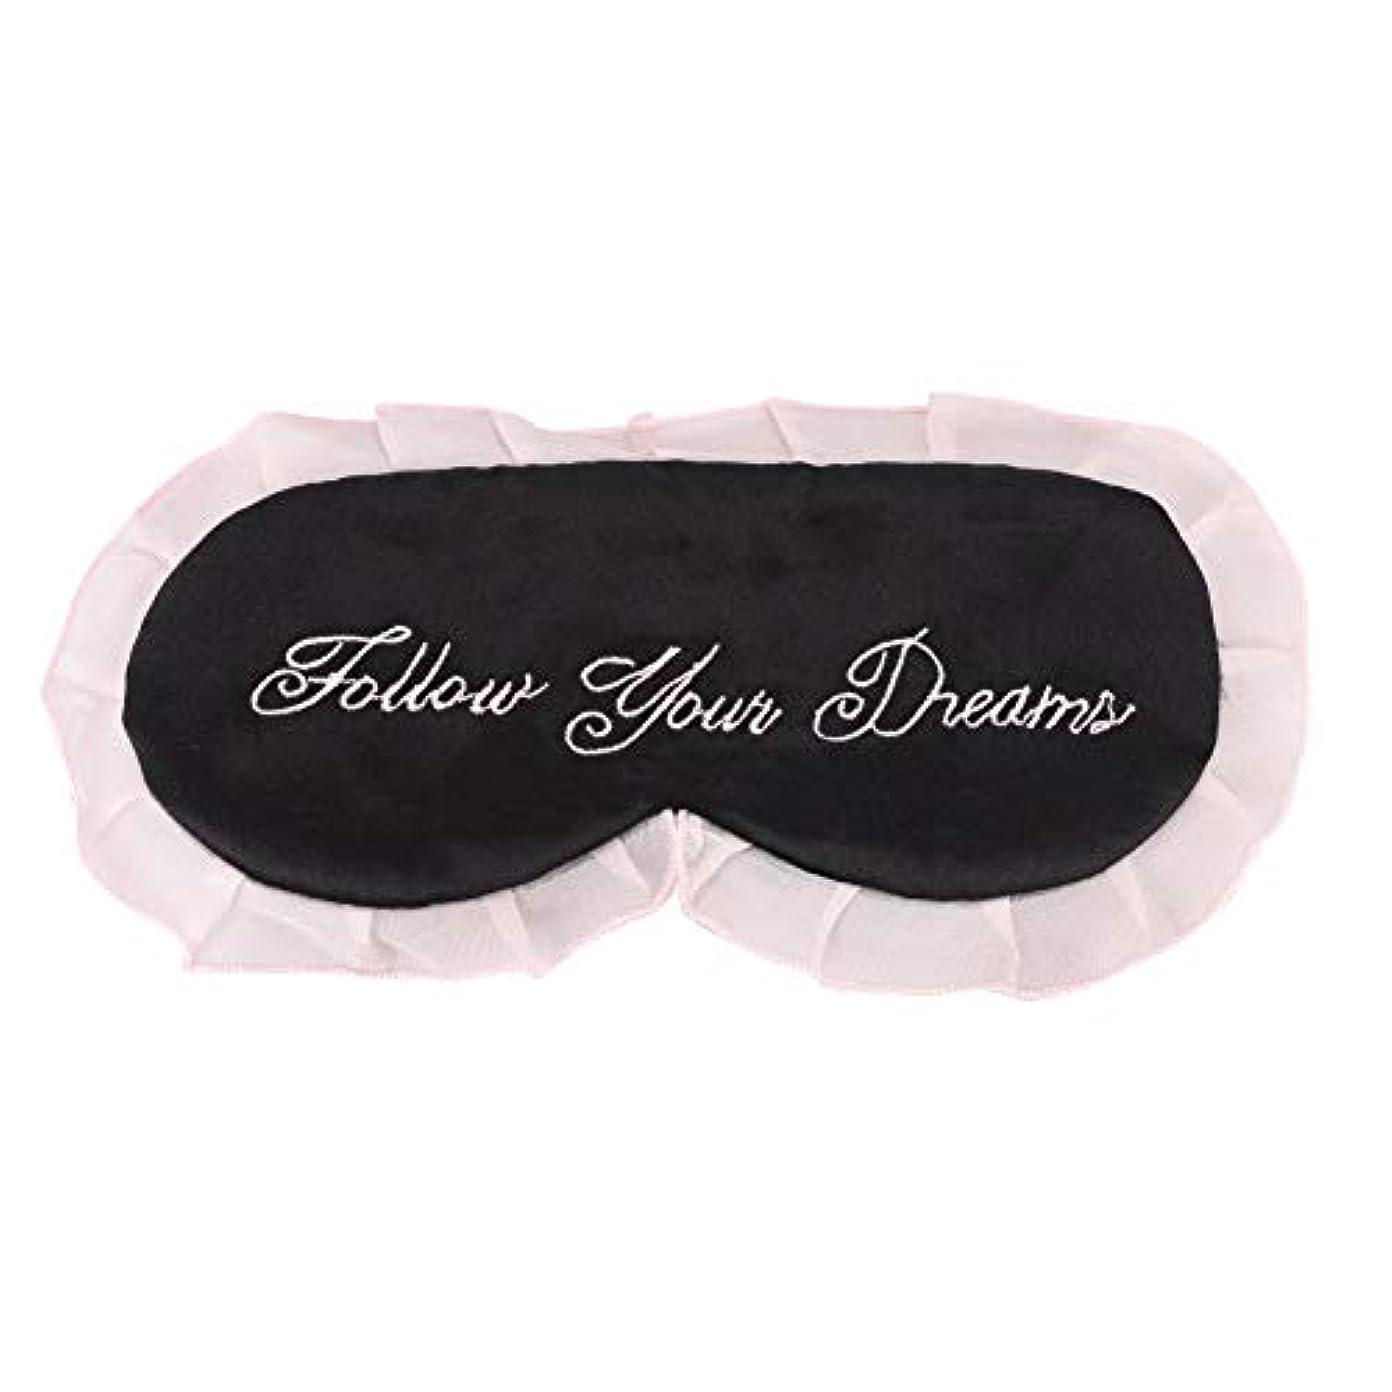 知覚する学習議題アイマスク 目隠し レース付き 軽量 遮光性抜群 通気性 安眠 ふわふわ 滑らかな肌触り 調節可能 おしゃれ 可愛い 仮眠/睡眠用 昼寝 電車 飛行機 旅行に最適 レディース 2色 ブラック